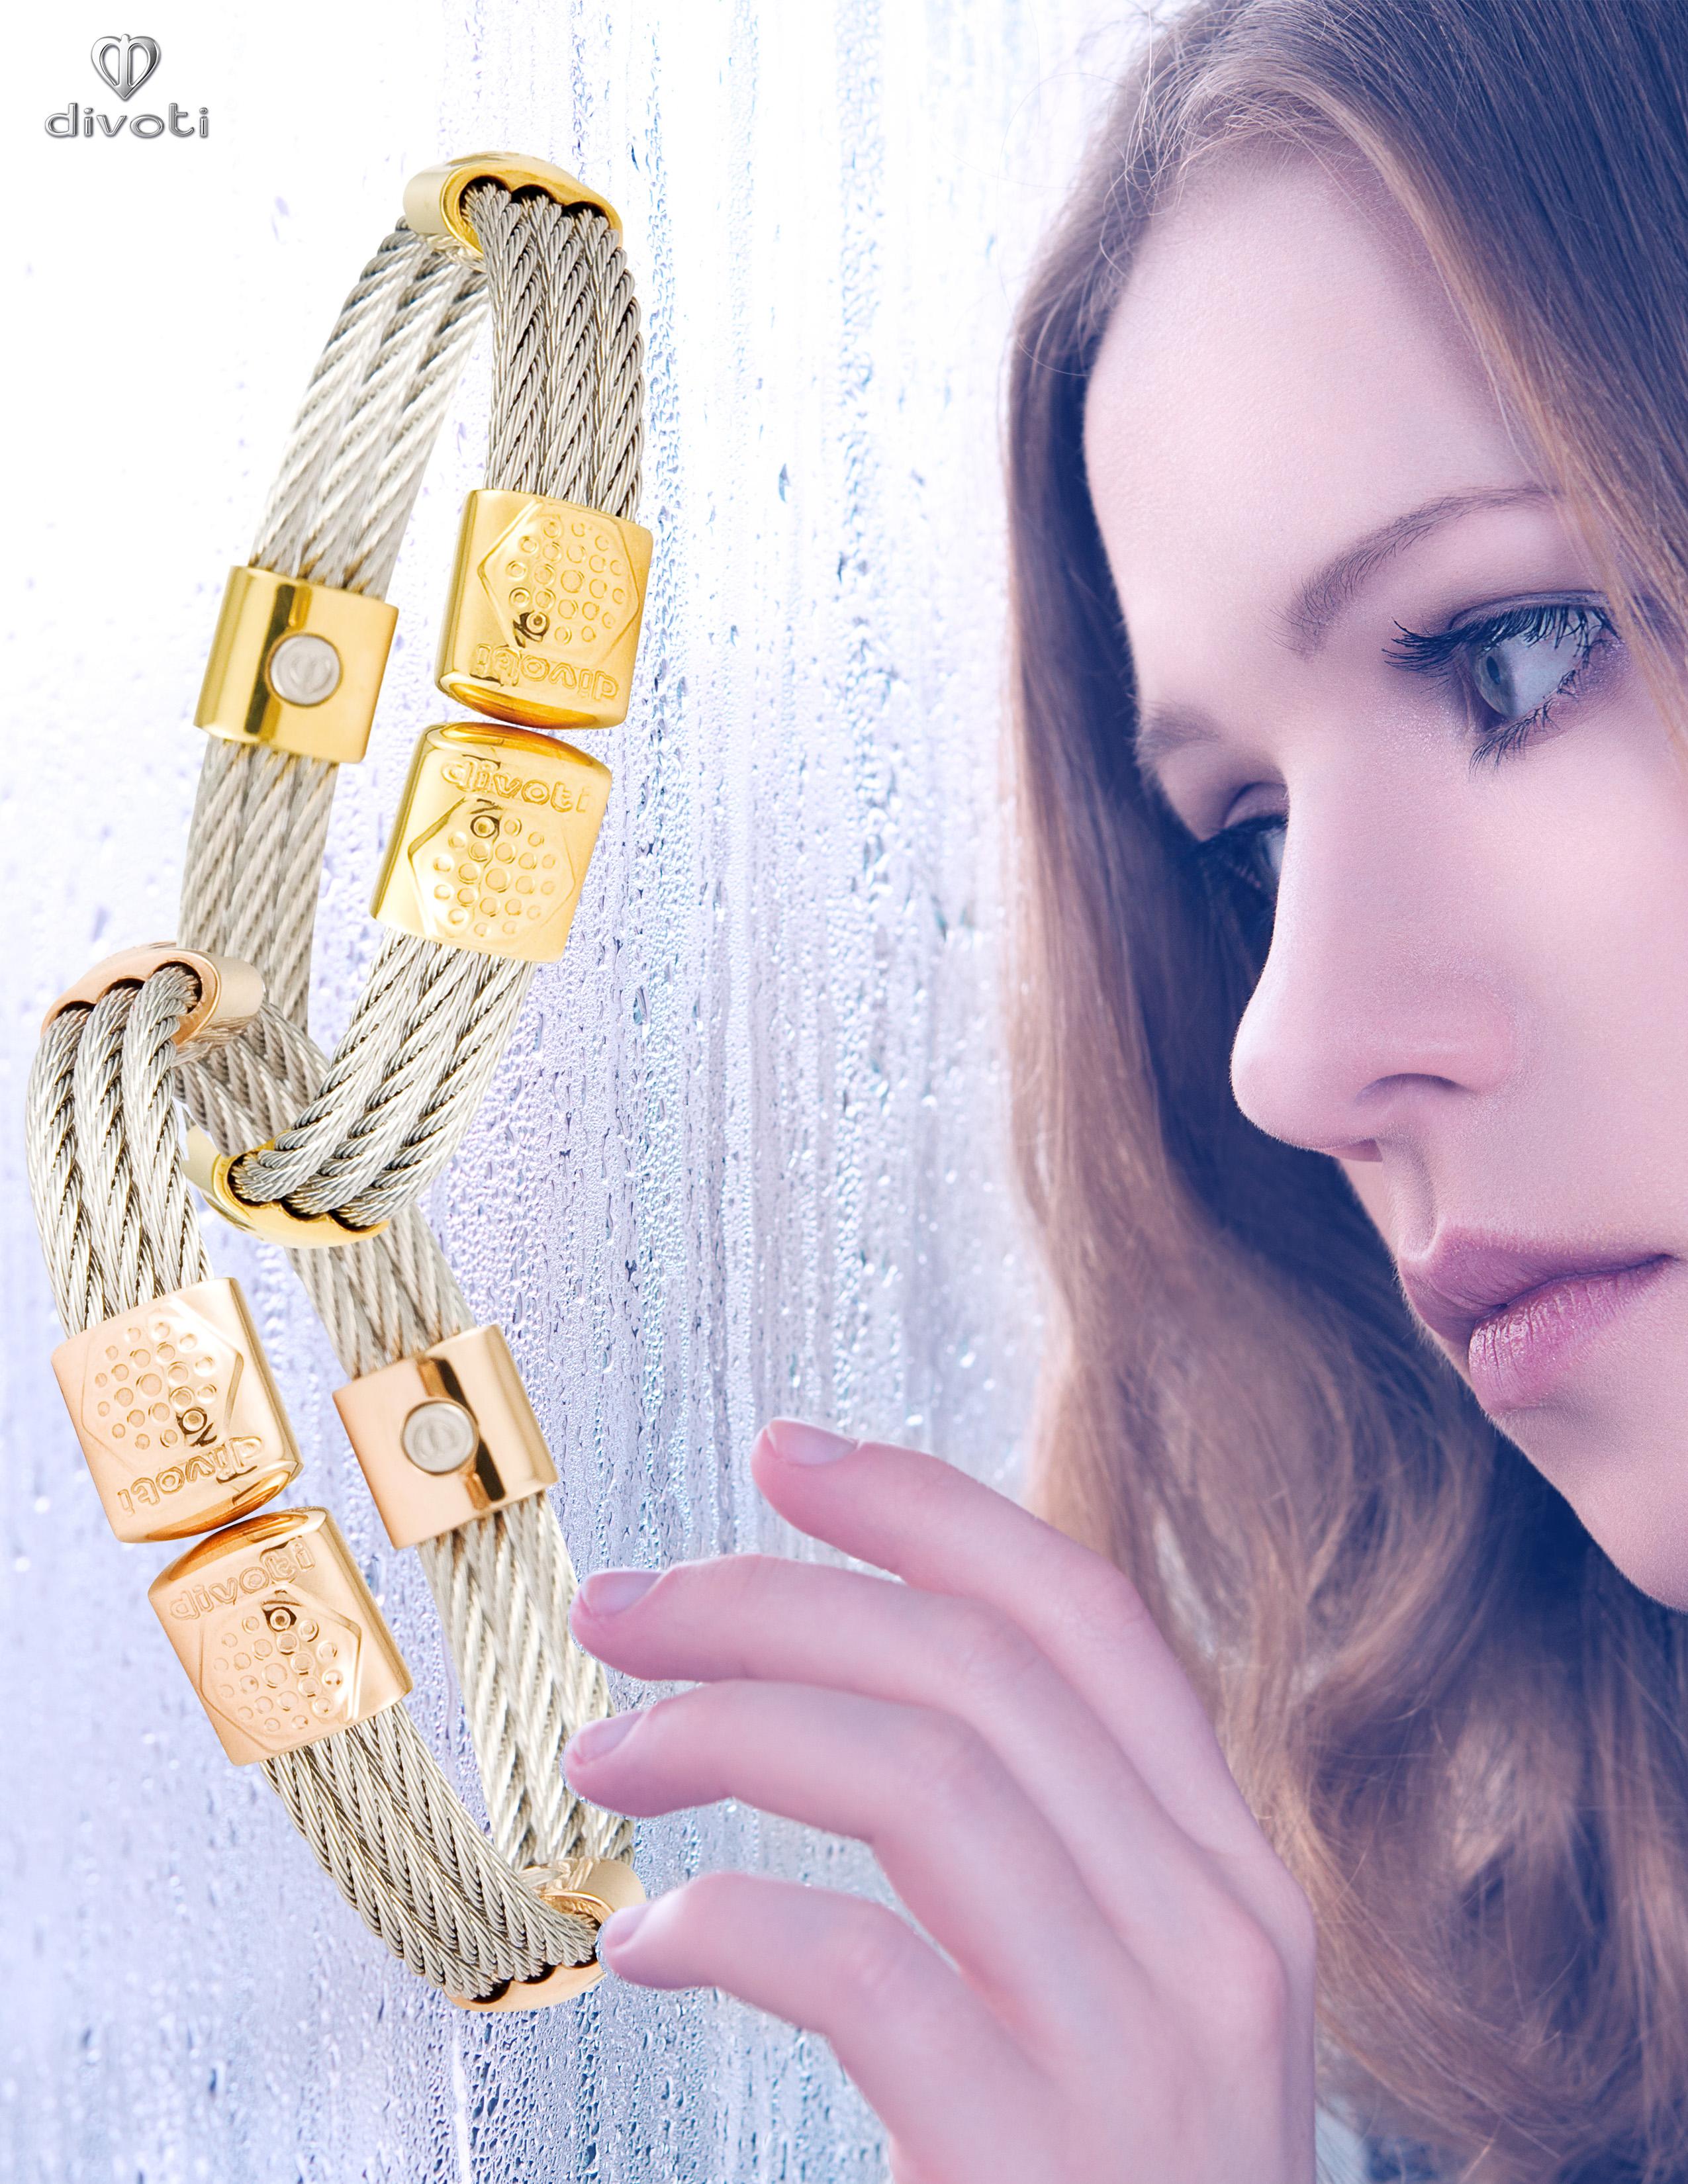 Divoti Bracelets